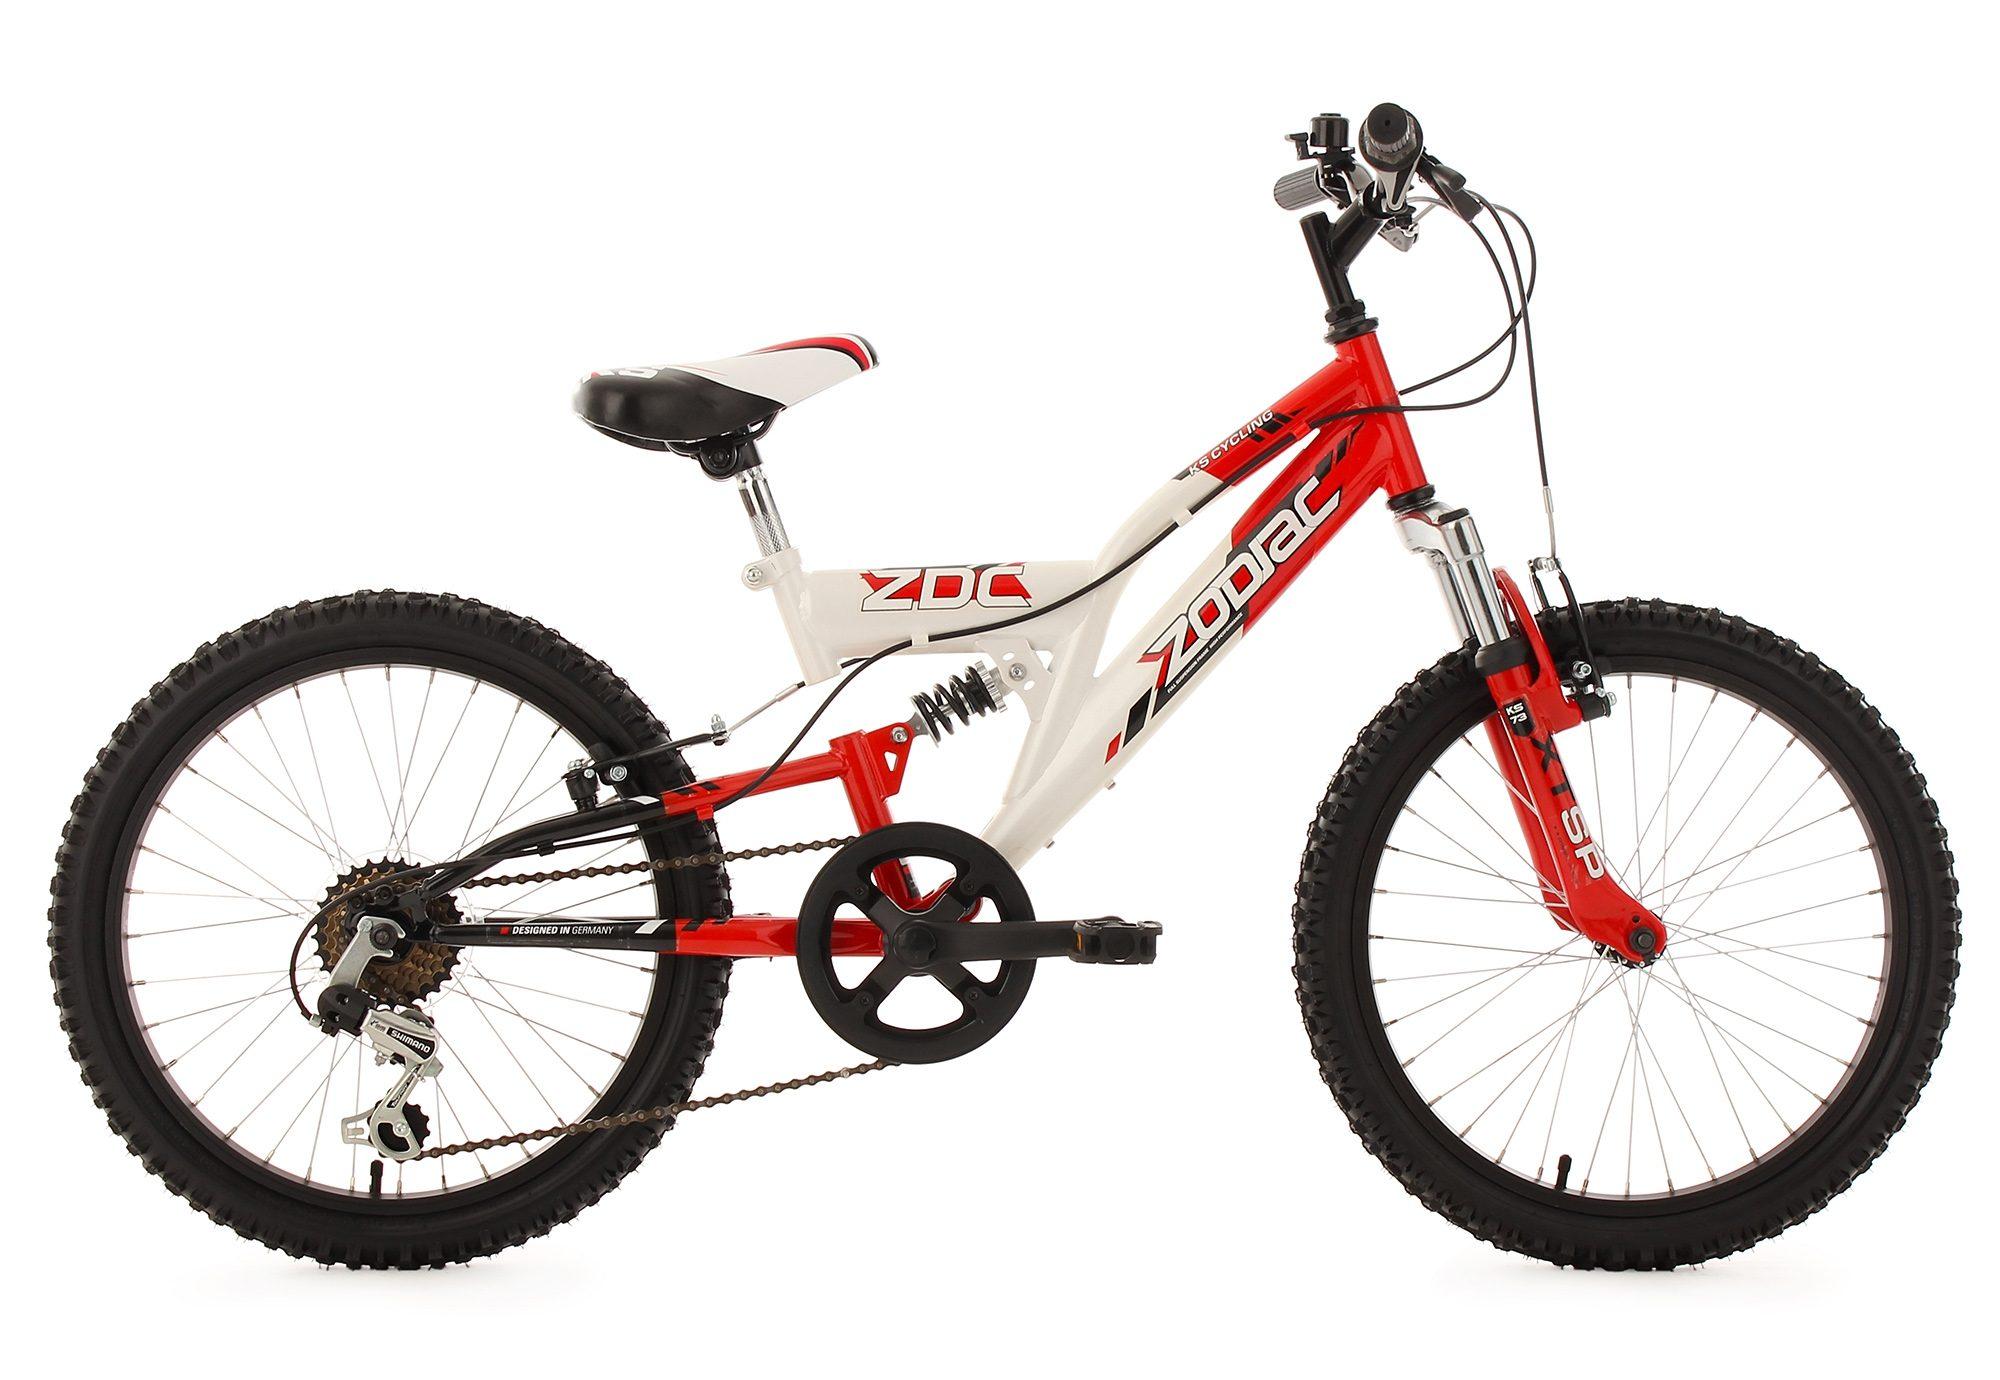 Fully Jugend-Mountainbike, 20 Zoll, rot-weiß, 6-Gang-Kettenschaltung, »Zodiac«, KS Cycling